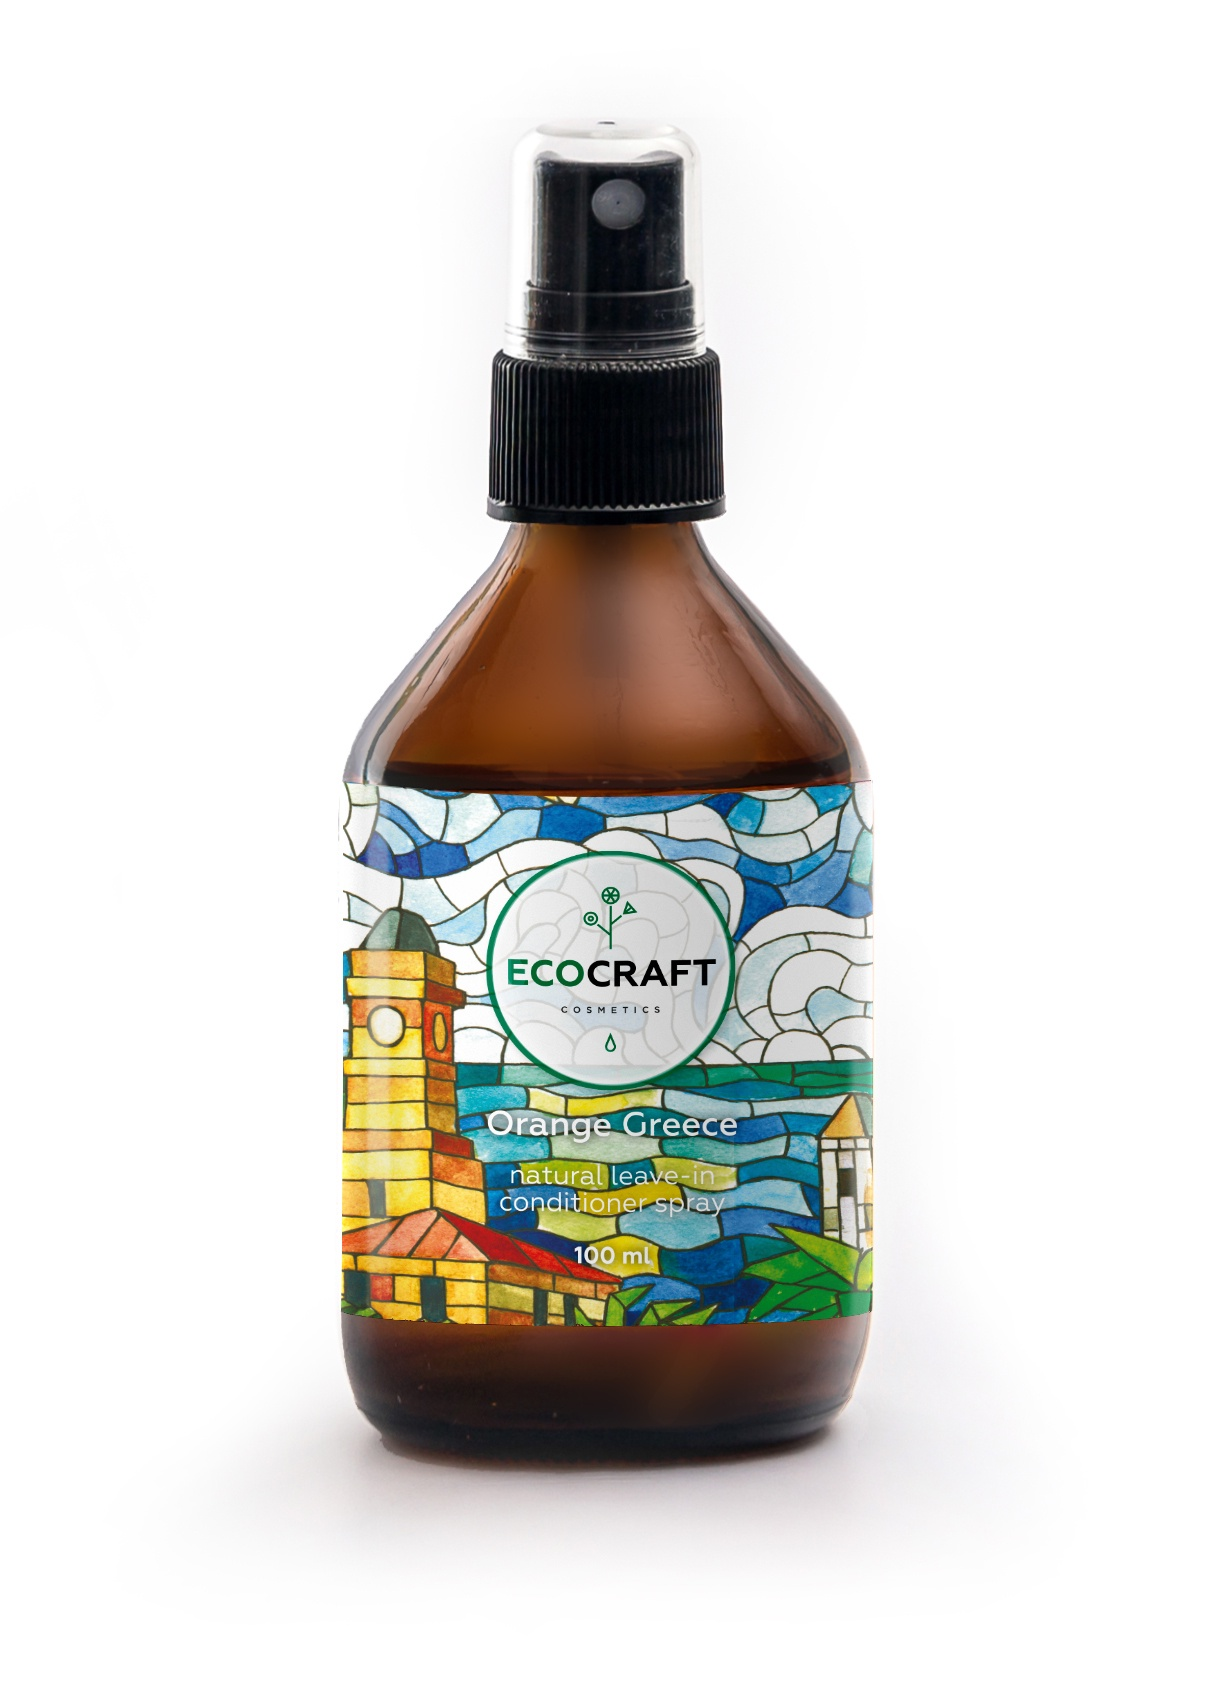 Sprej-uhodovyj-ECOCRAFT-Cosmetics-nesmyvaemyj-sprej-kondicioner--dlya-bleska-gladkosti-i-uprugosti-volos-Orange-Greece-Apelqsinovaya-Greciya-100-ml-15